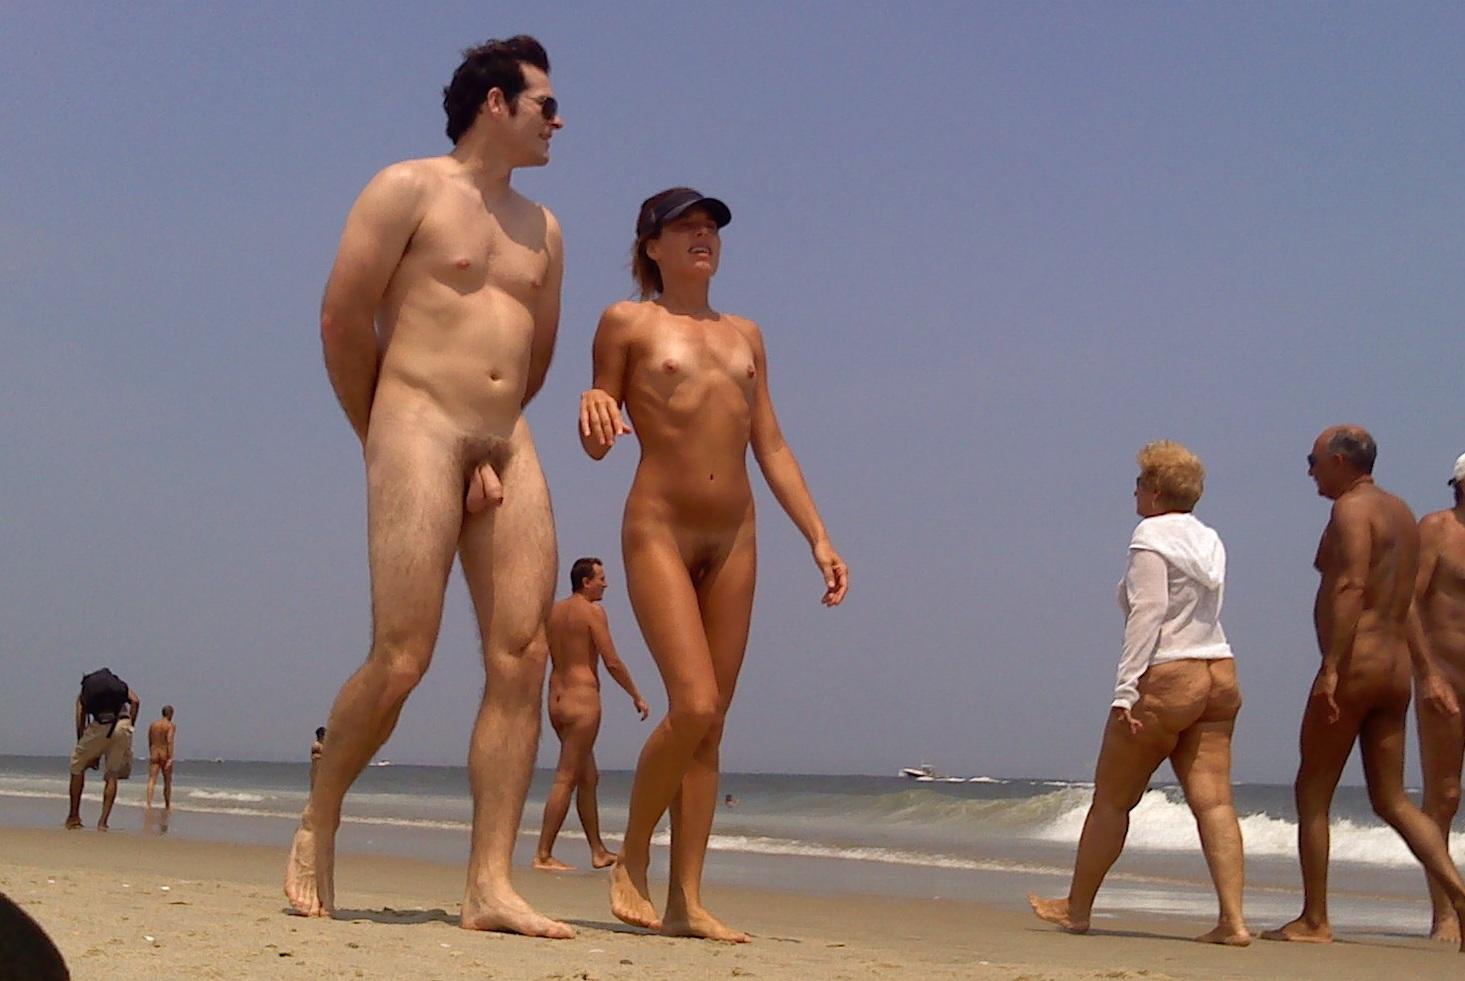 Hook nude beach photos sandy